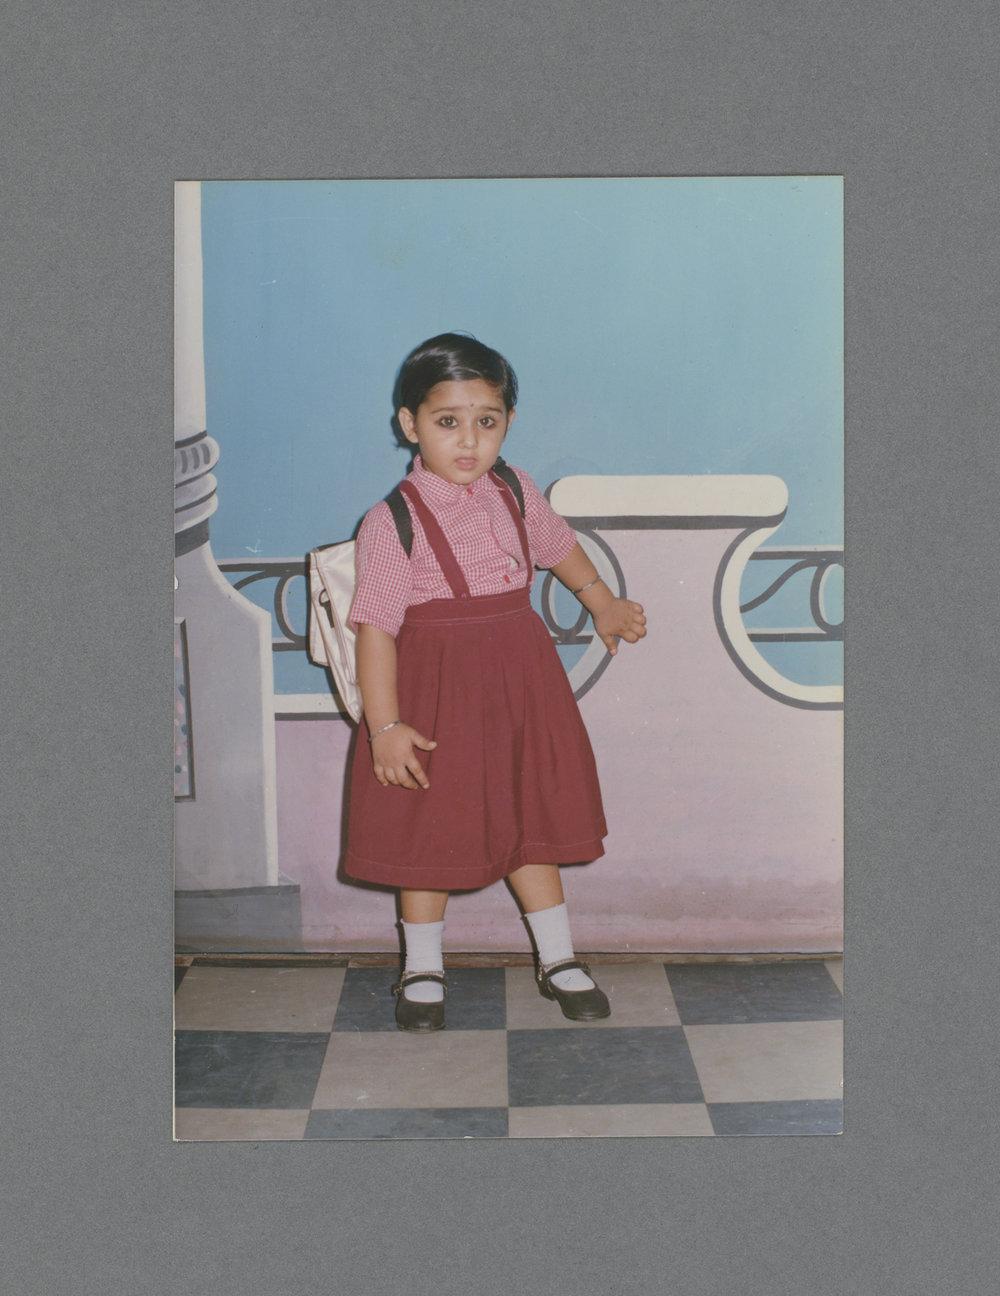 Calcutta, India c.1985